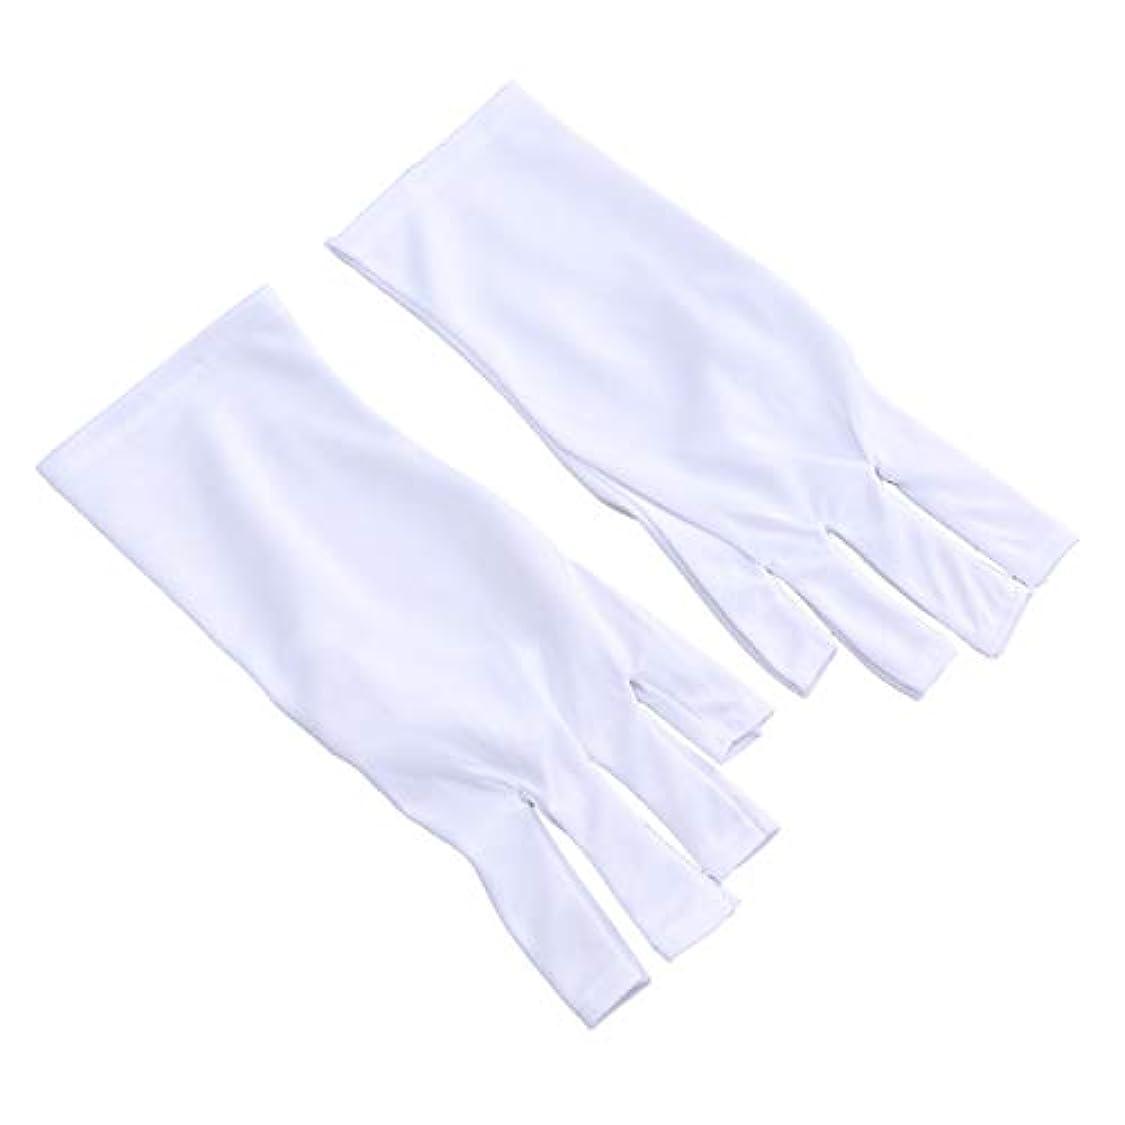 興奮する修正おいしいHealifty 抗uv手袋 手袋 ネイルアー 放射線防護 マニキュアドライヤーツール 1ペア (25 CMショートホワイトUVグローブ)